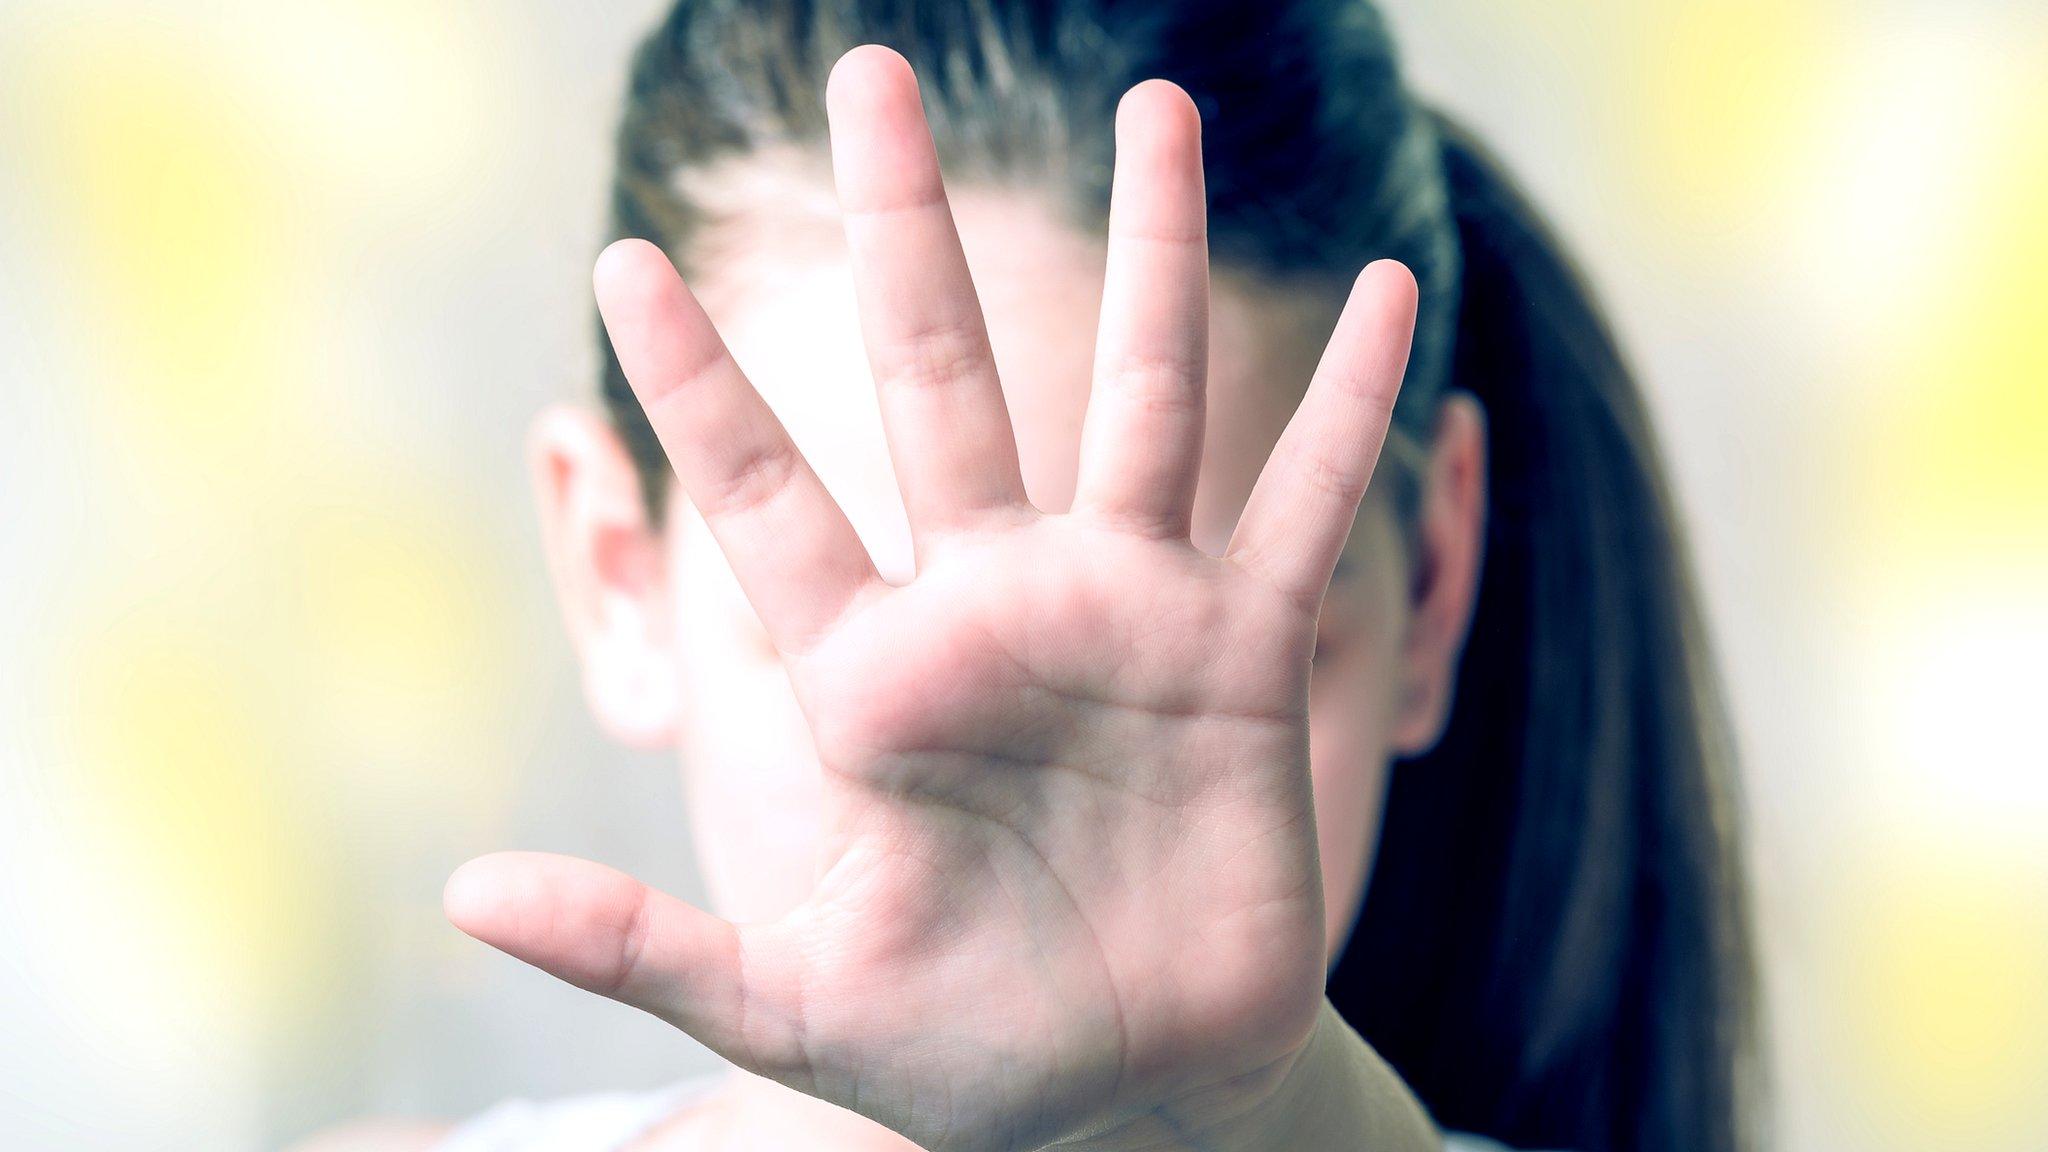 Отменен оправдательный приговор жителю Бугульмы, обвиненному в насилии над 1,5-годовалой дочерью